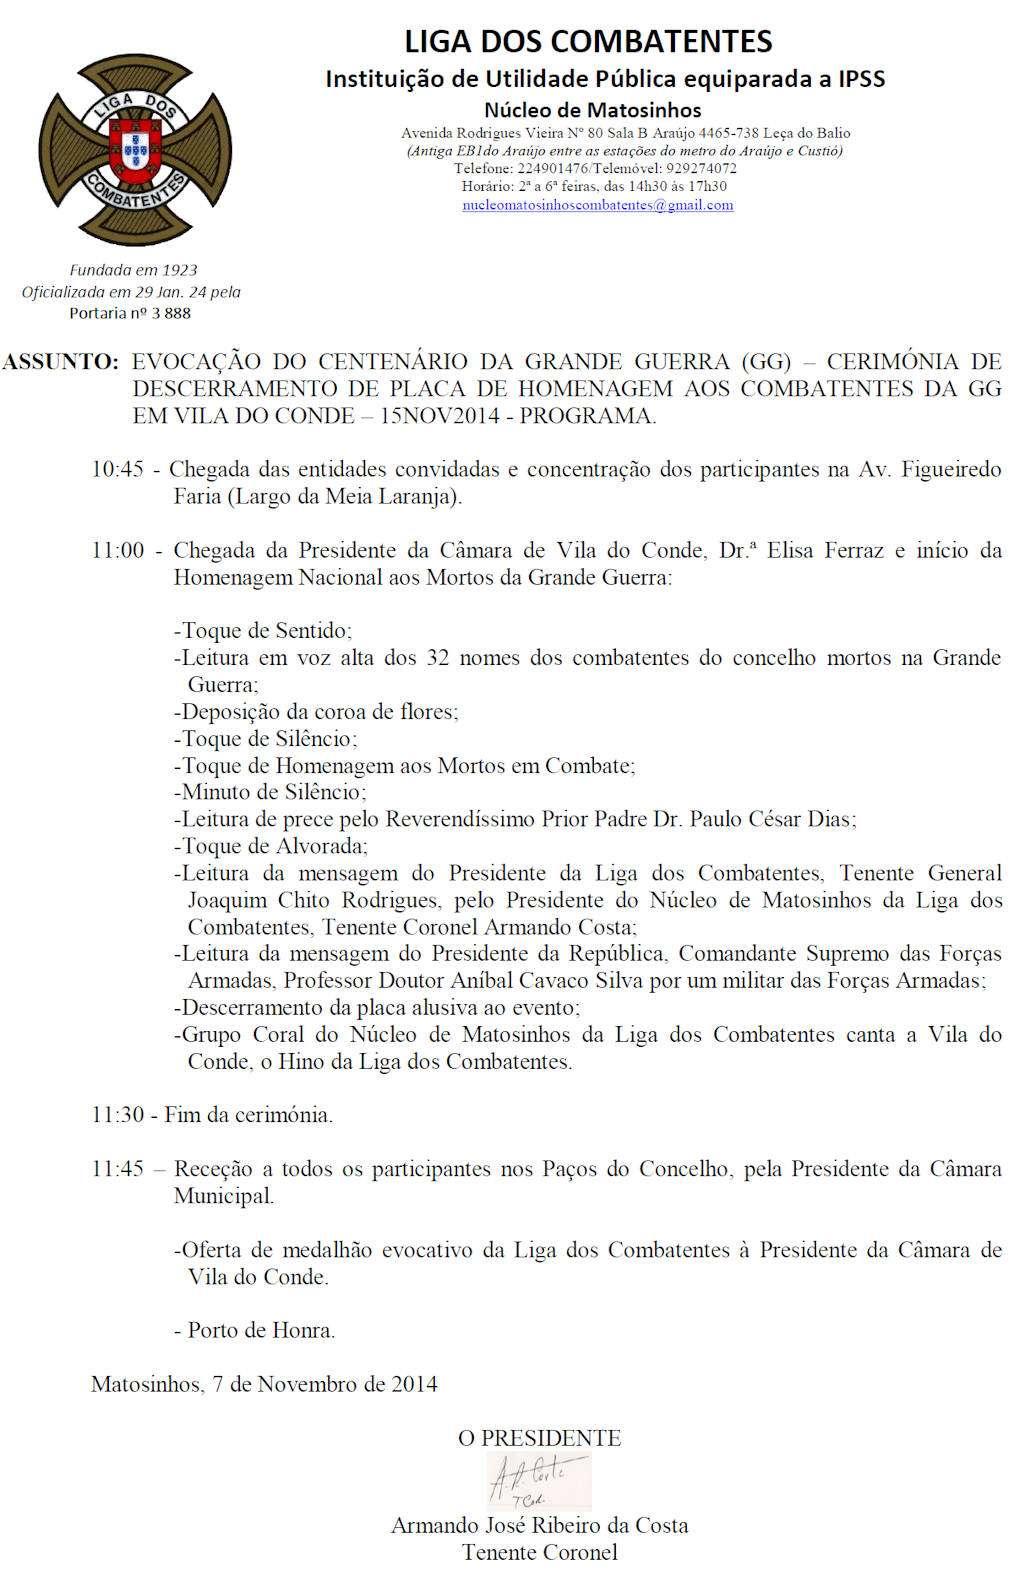 Evocação do Centenário da Grande Guerra - Vila do Conde - 15 de Novembro de 2014 Vilado10